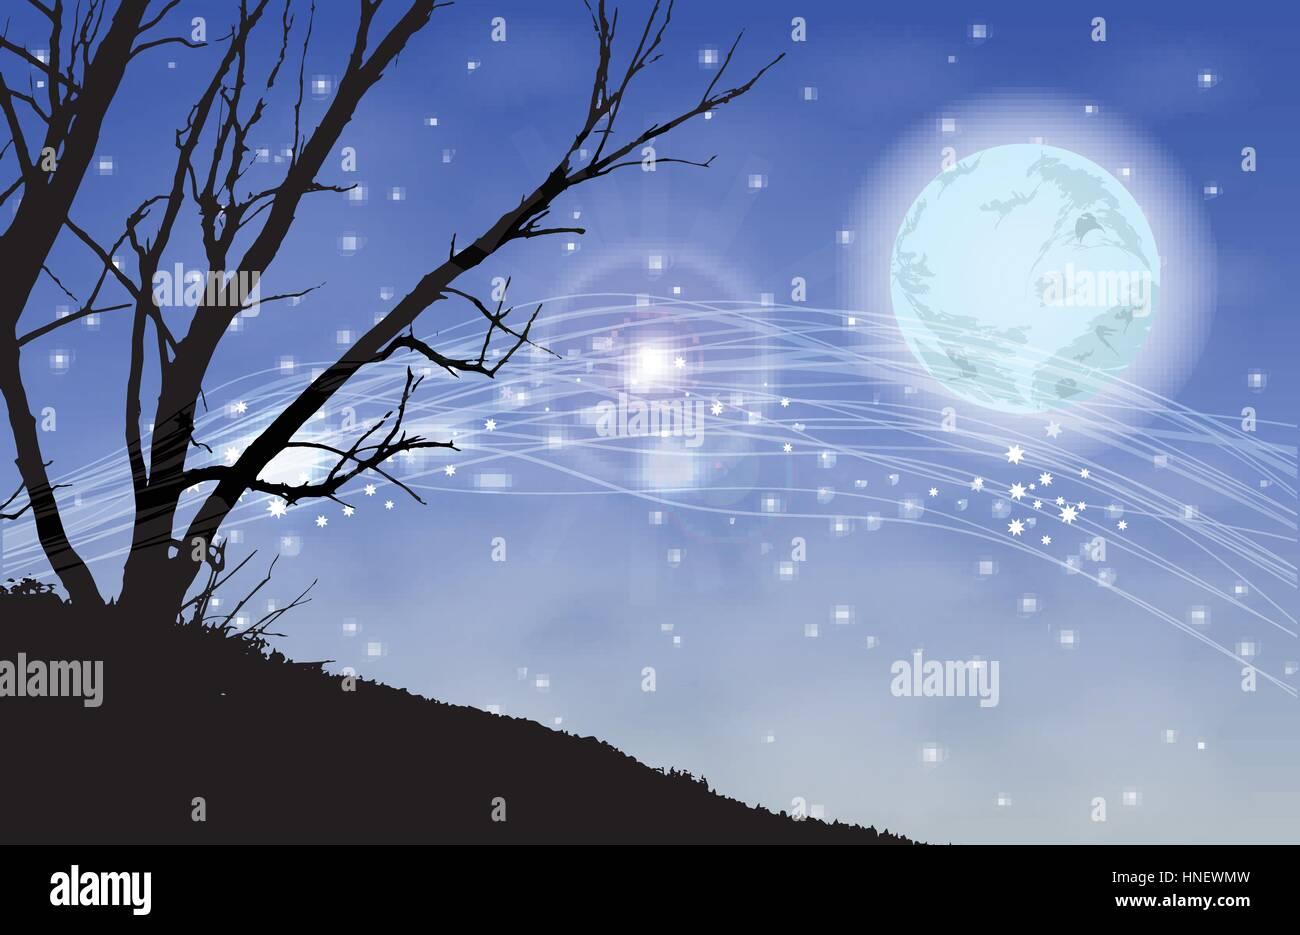 Alberi Silhouette Magica Notte Illustrazione Utilizzare Lo Sfondo